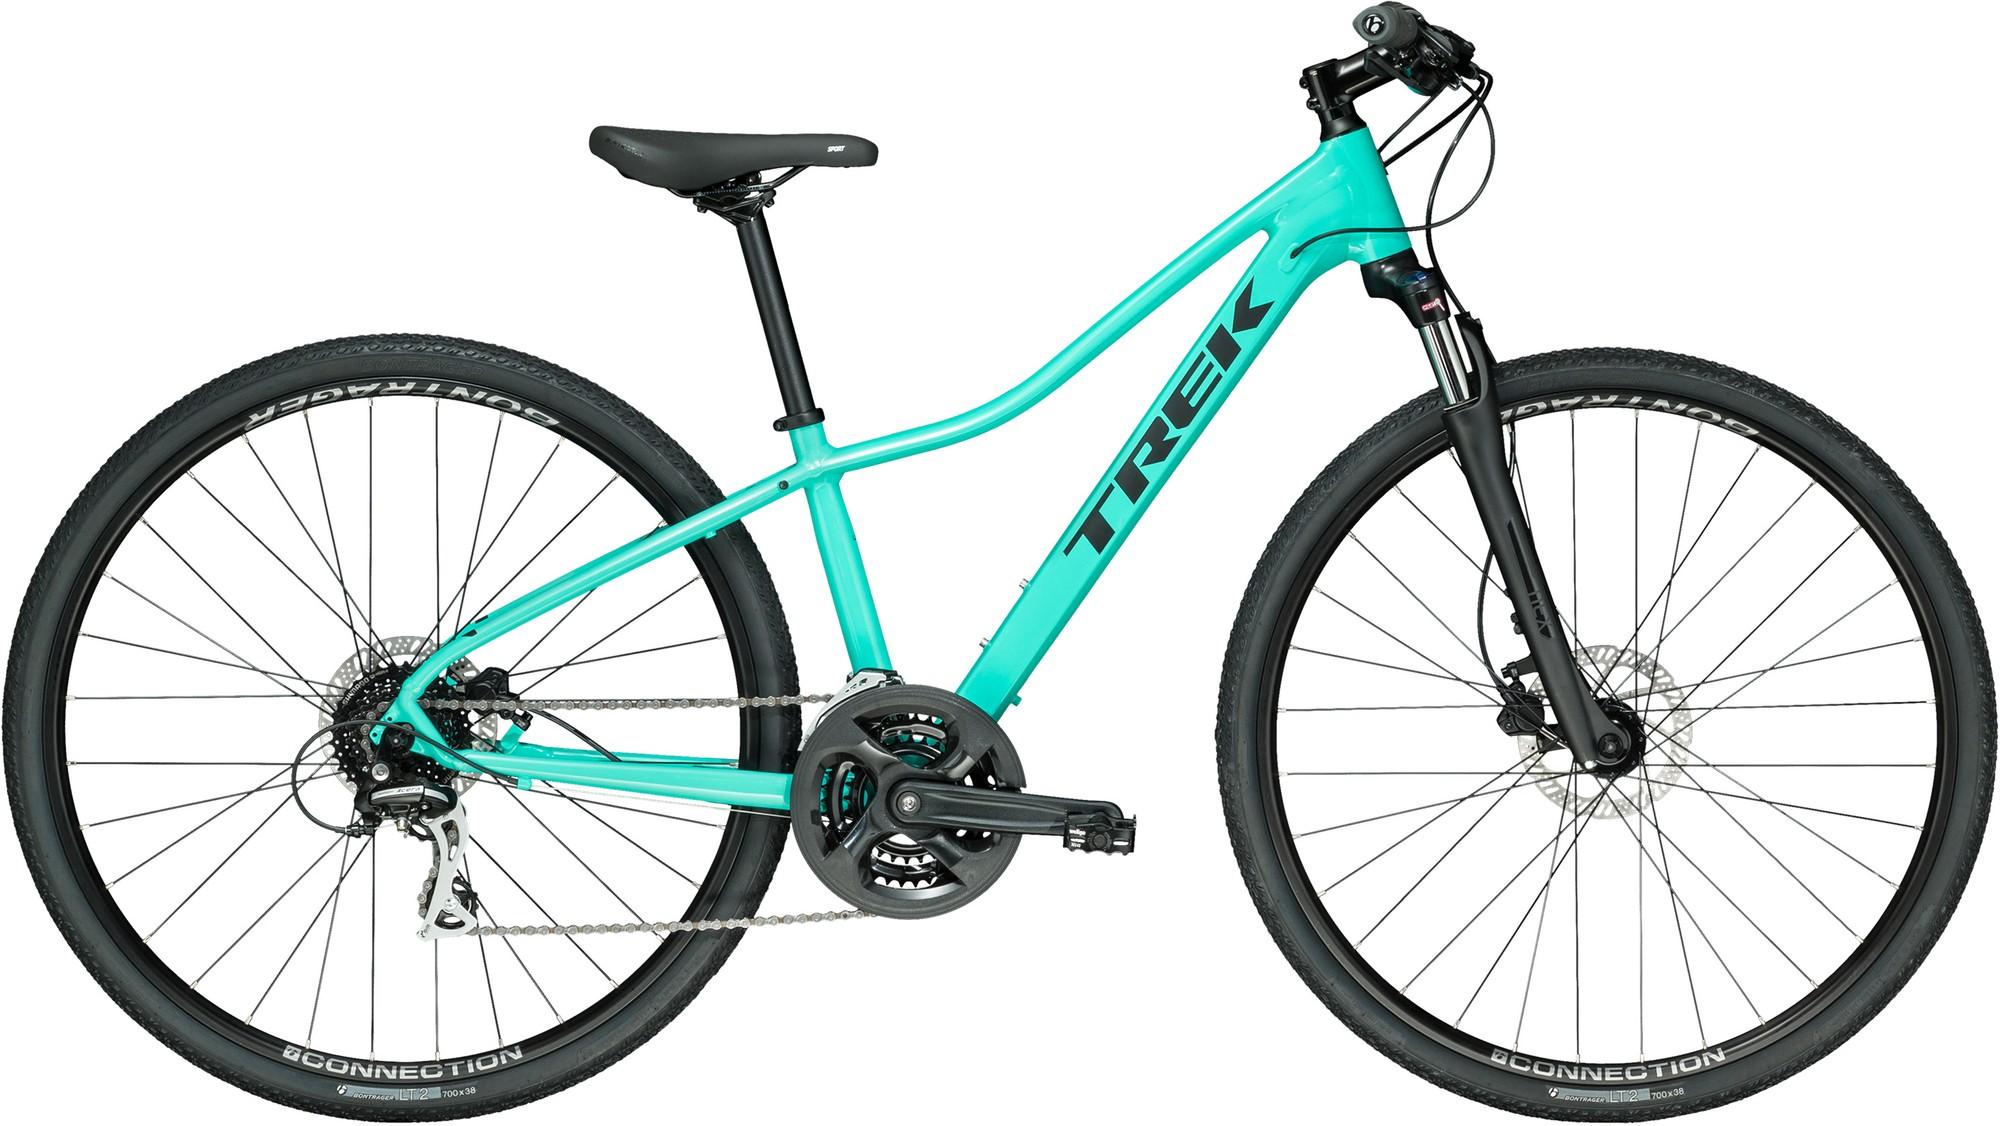 Trek Велосипед городской женский Trek Dual Sport 2 WSD 700C стоимость